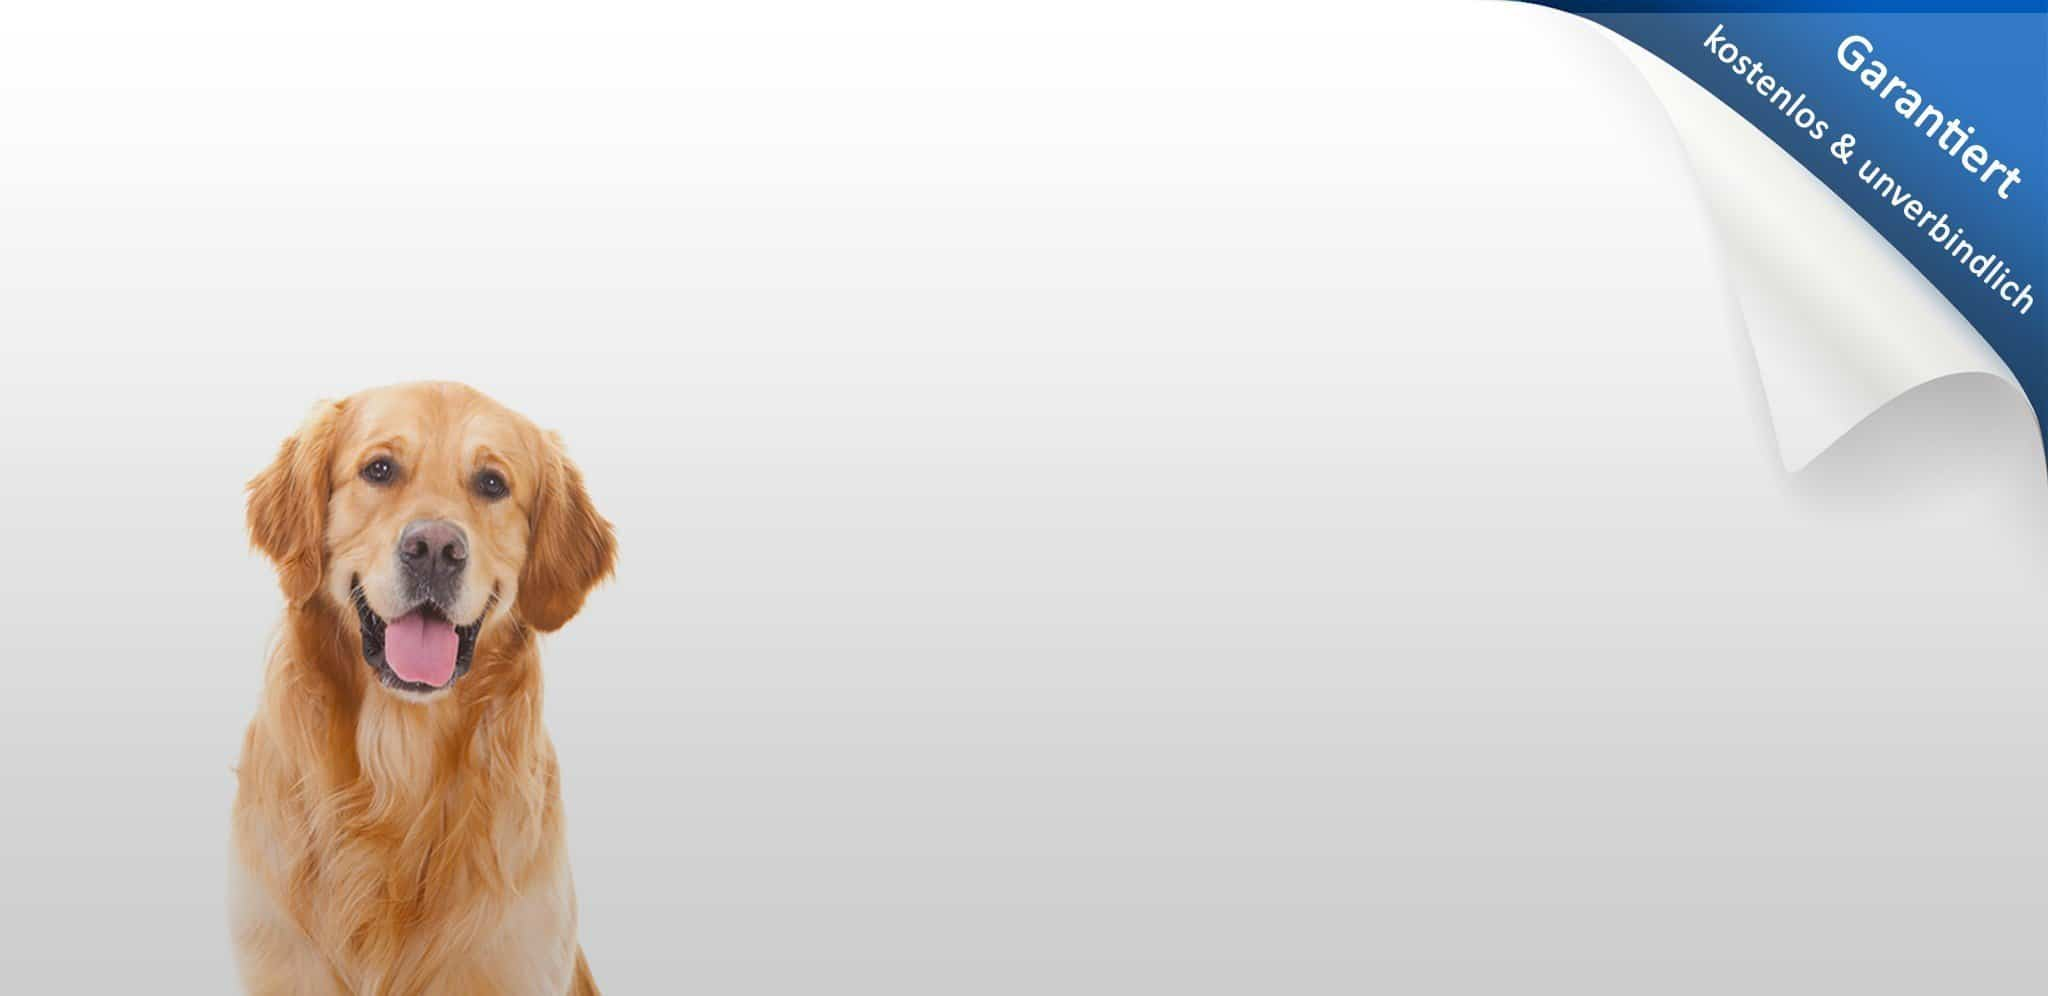 Hundehaftpflichtversicherung vergleichen